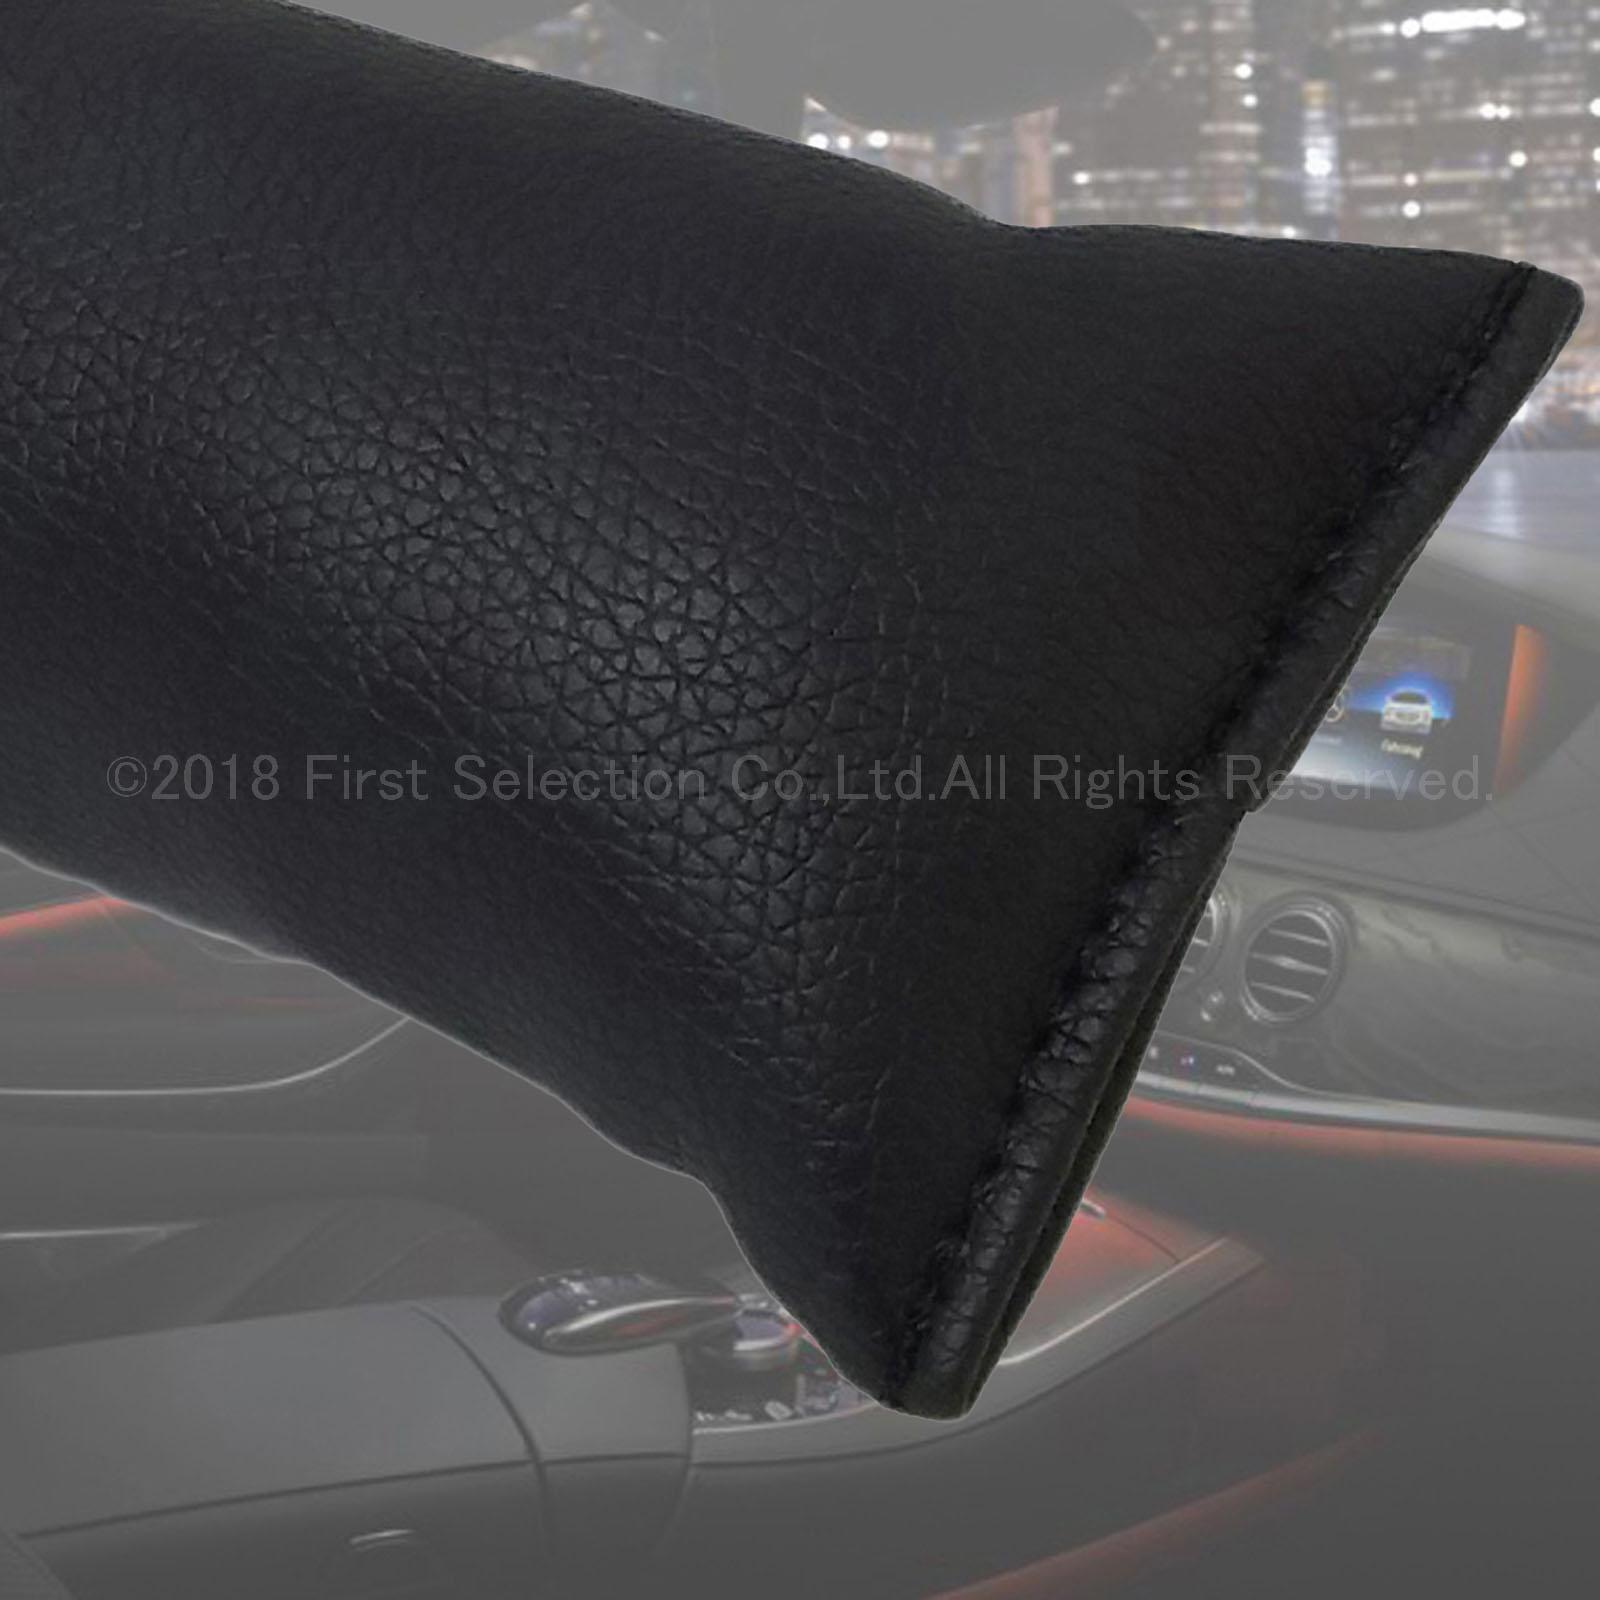 Mercedes-Benz ベンツ用 AMGロゴ 汎用シートサイドクッション 黒 W177 W176 W247 W246 W205 W213 W222 C117 C218 X156 X253 W166